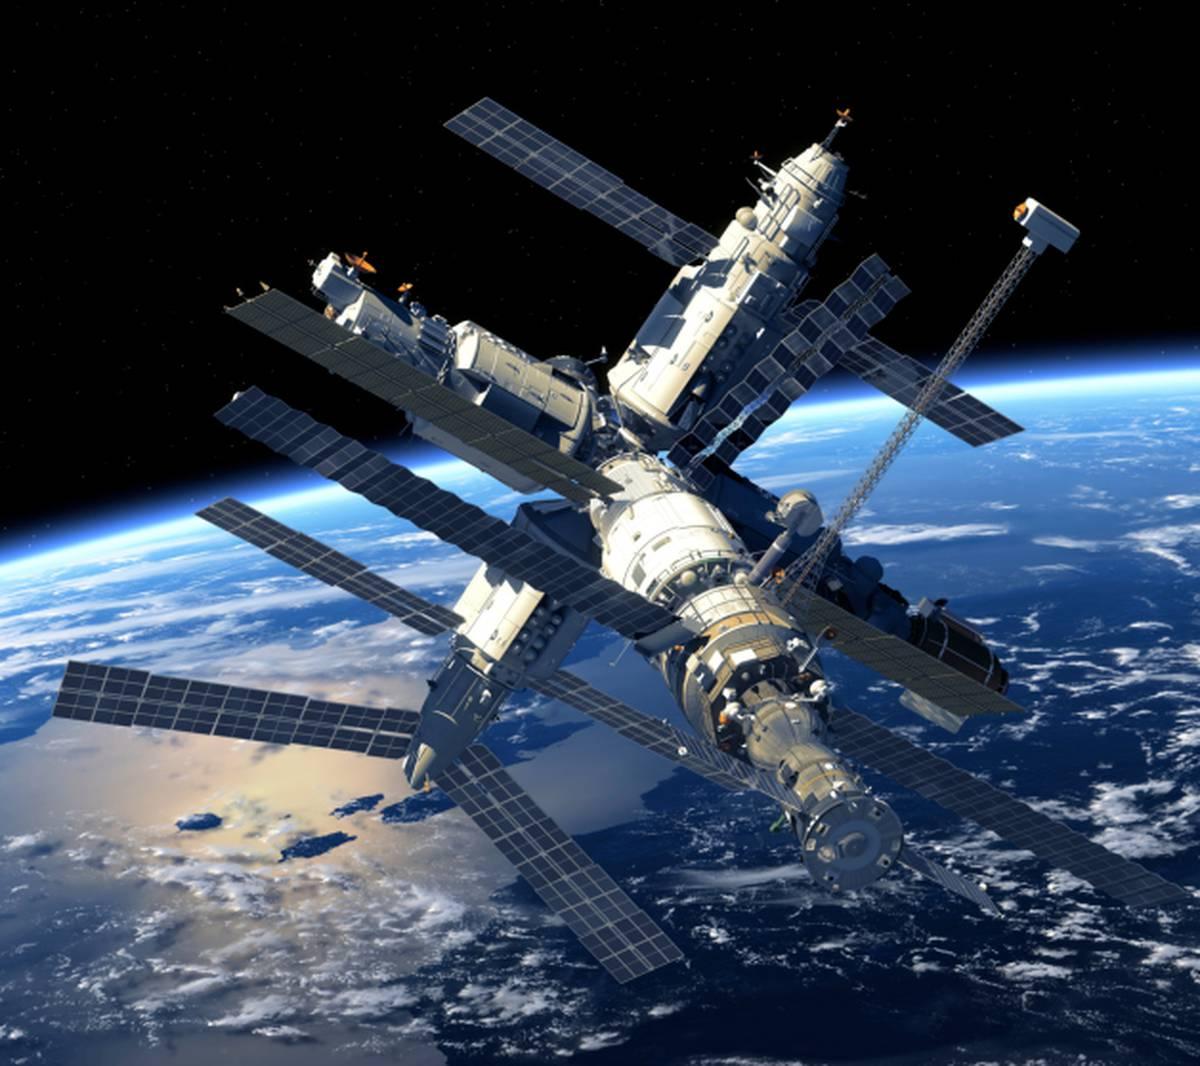 Калужские школьники провели 10-минутный сеанс связи с МКС